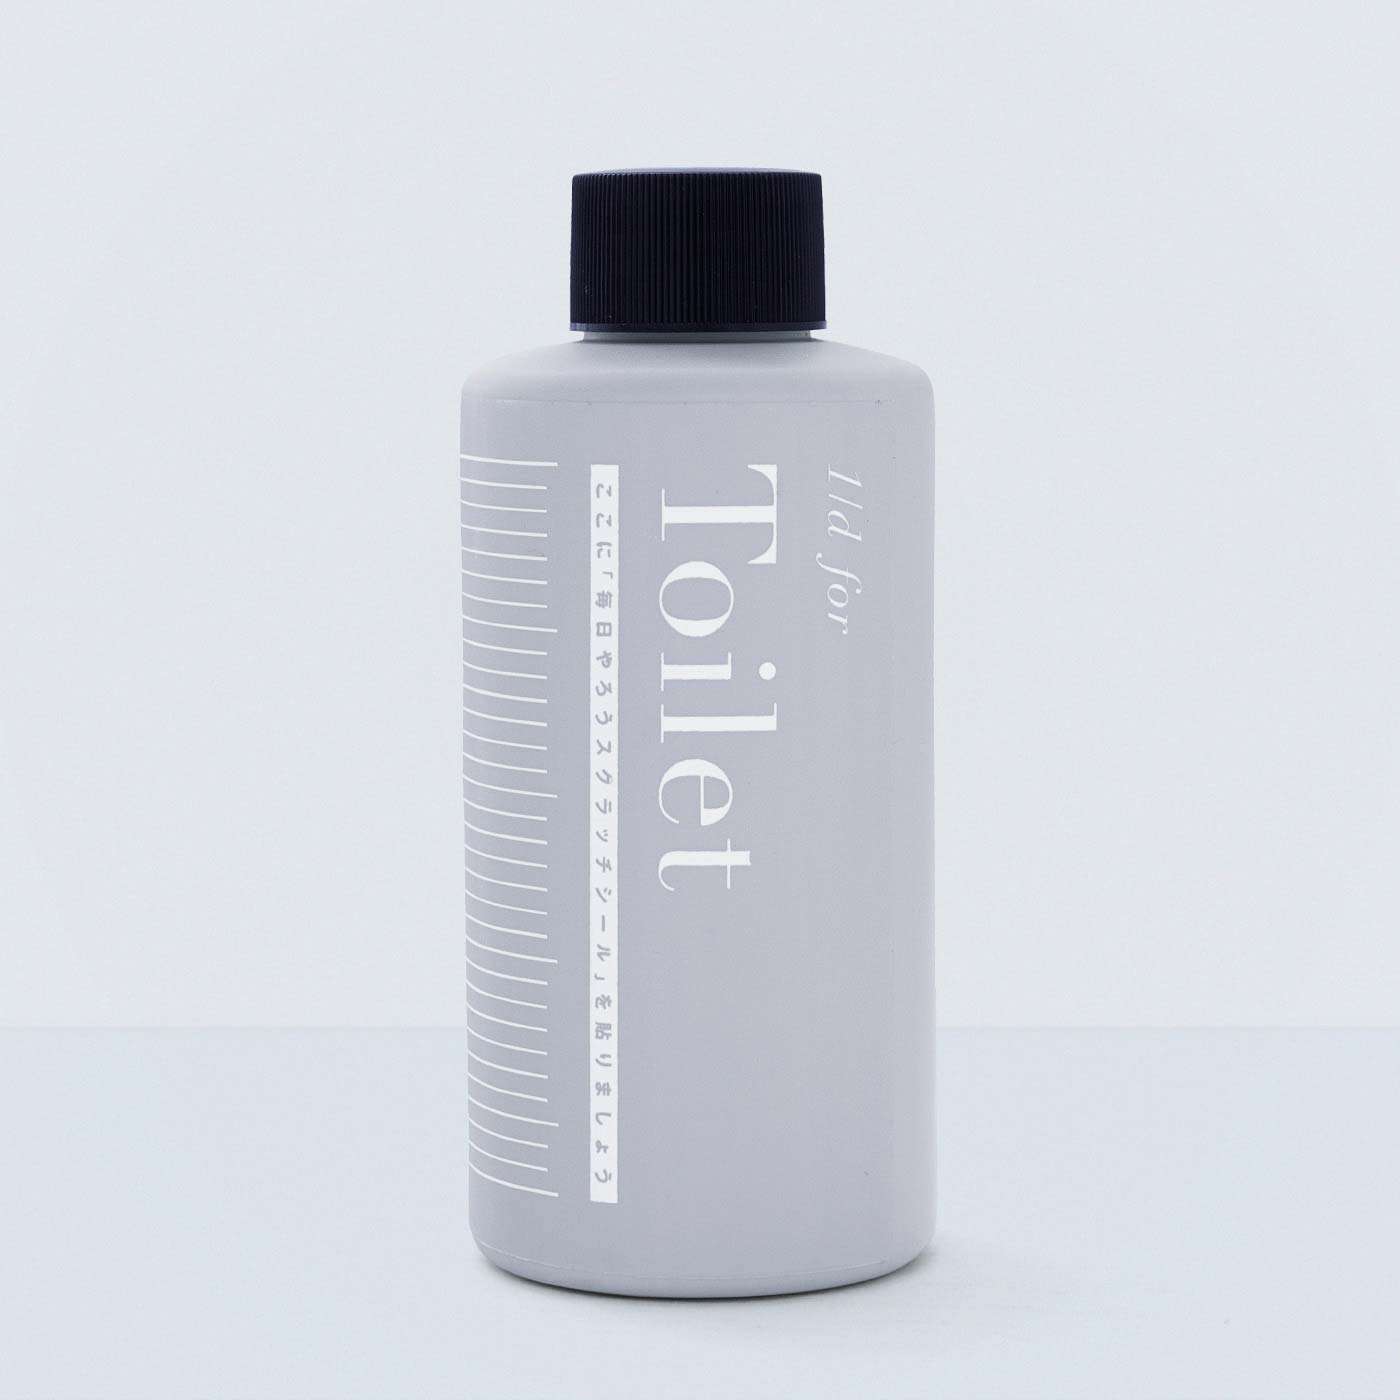 フェリシモ 1/d for Toilet 便器用汚れ予防剤ecoボトル【定期便】